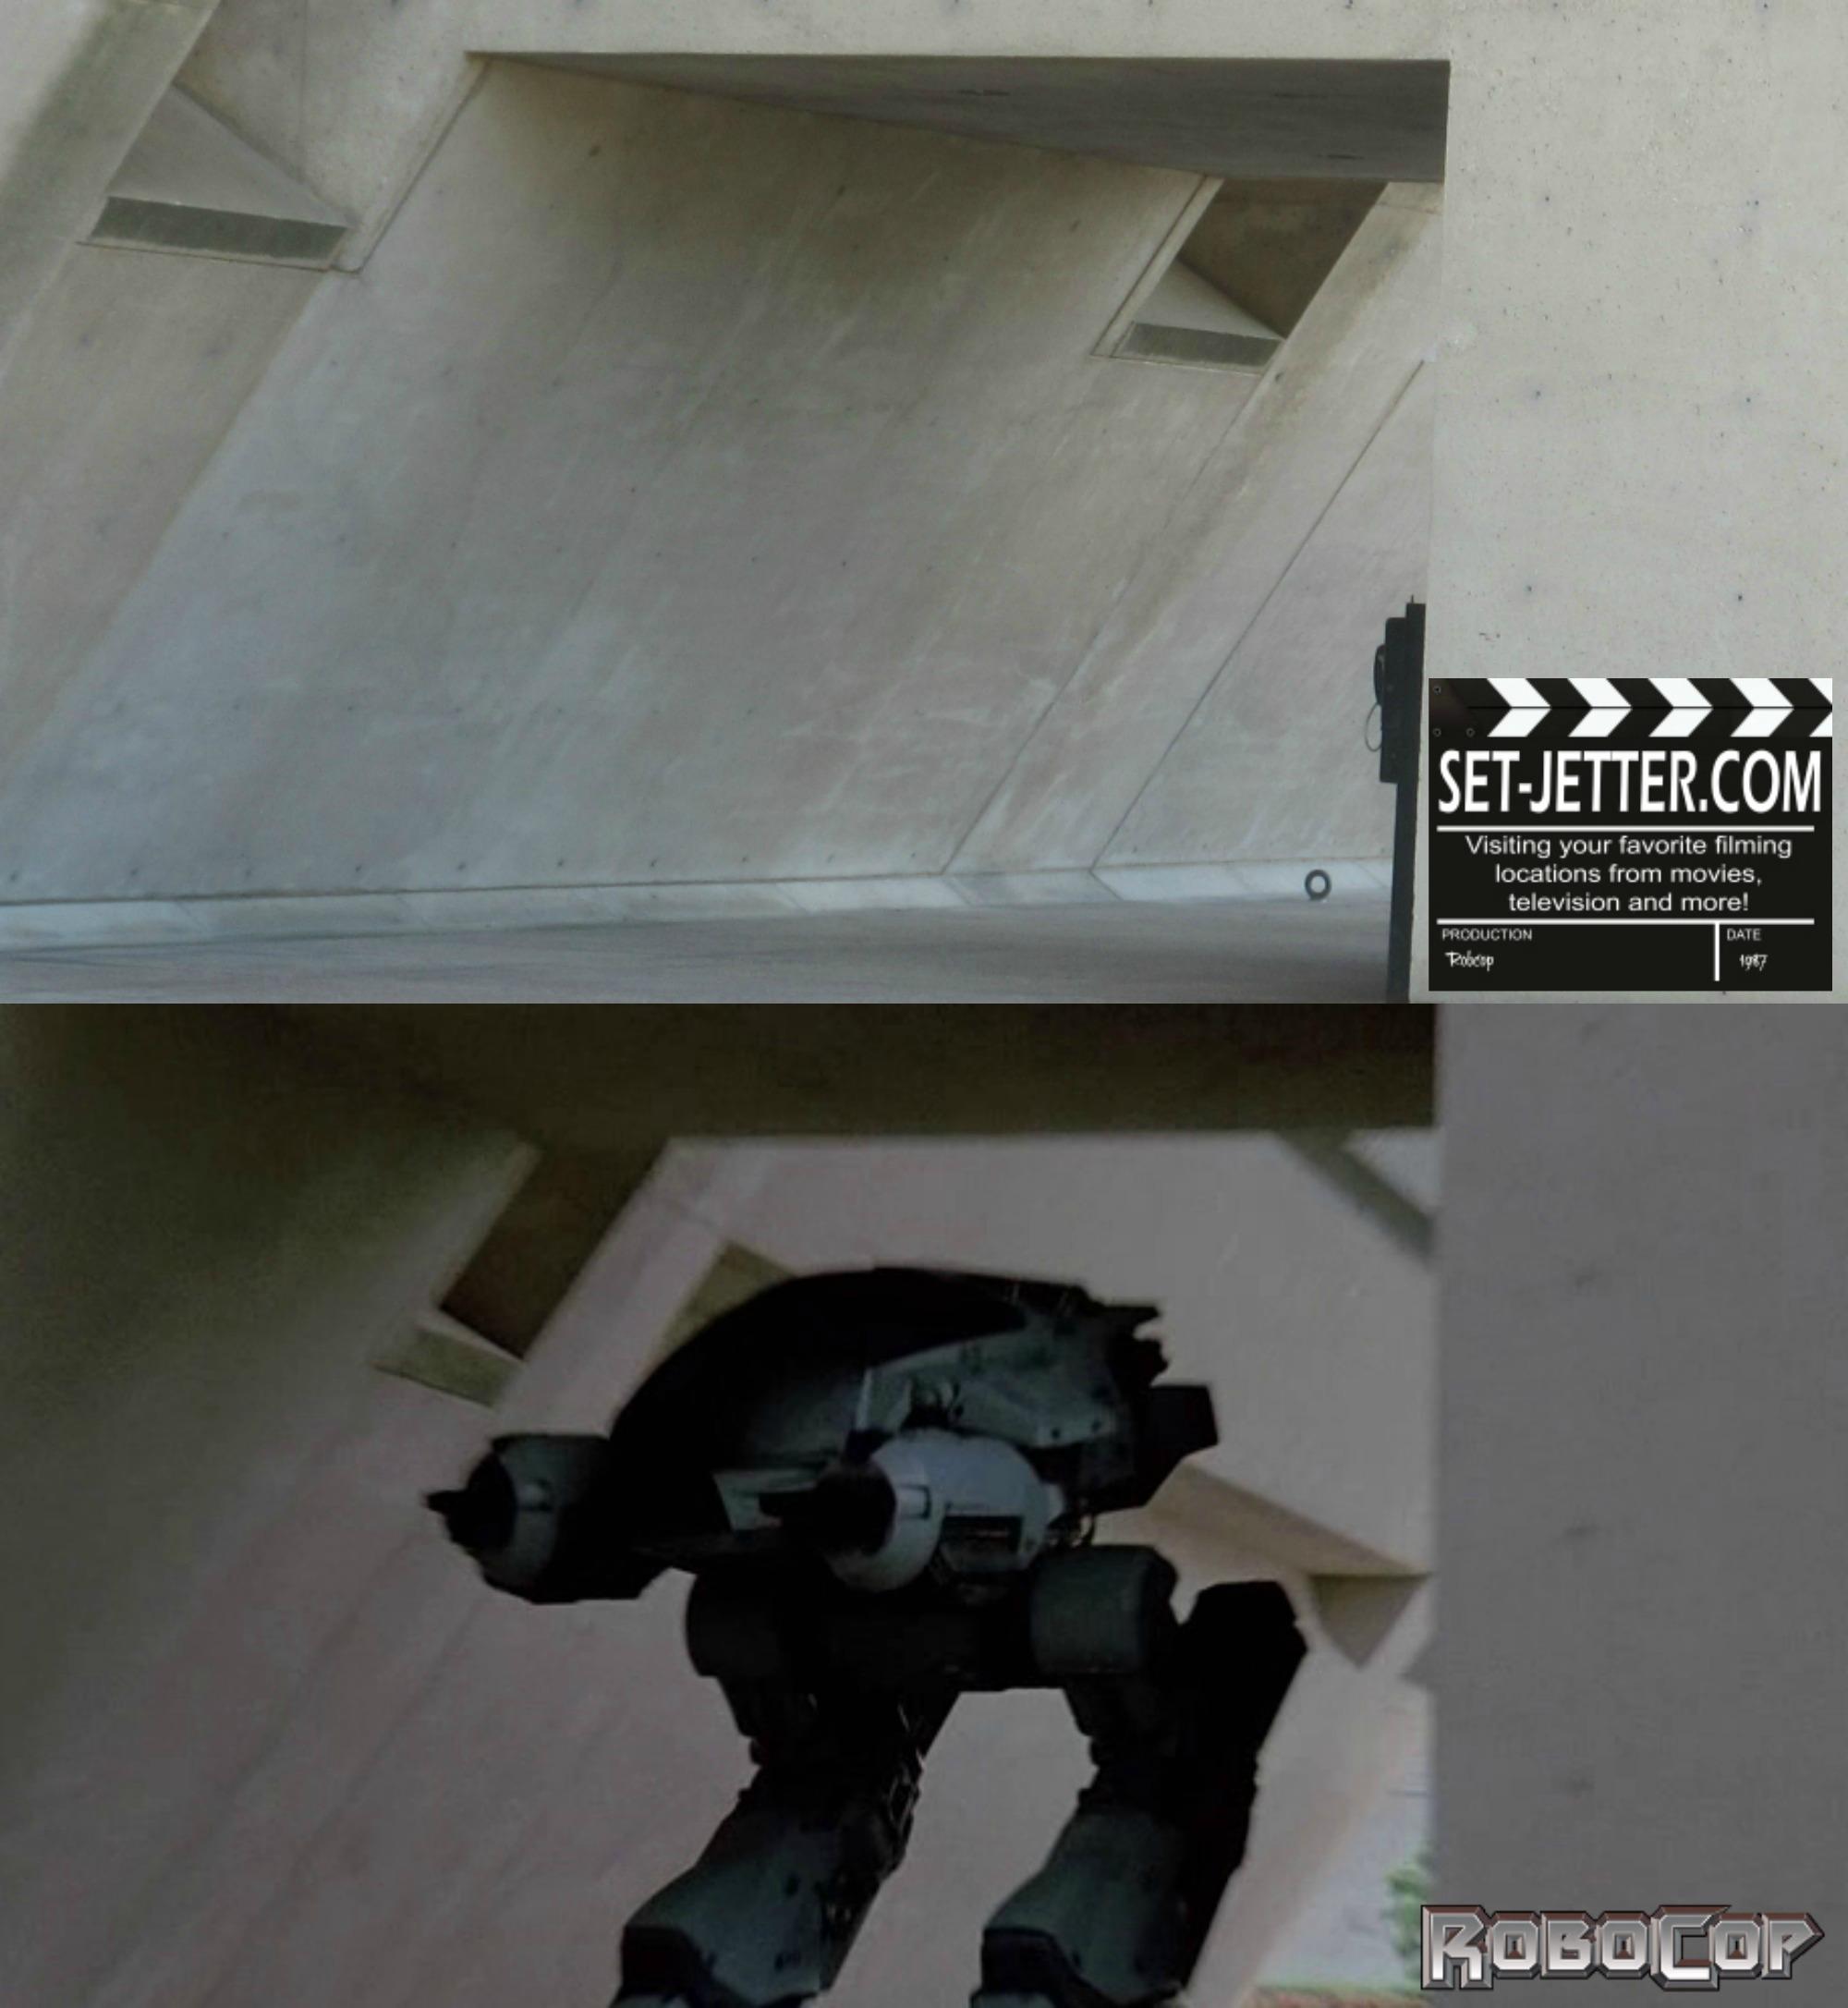 Robocop comparison 160.jpg